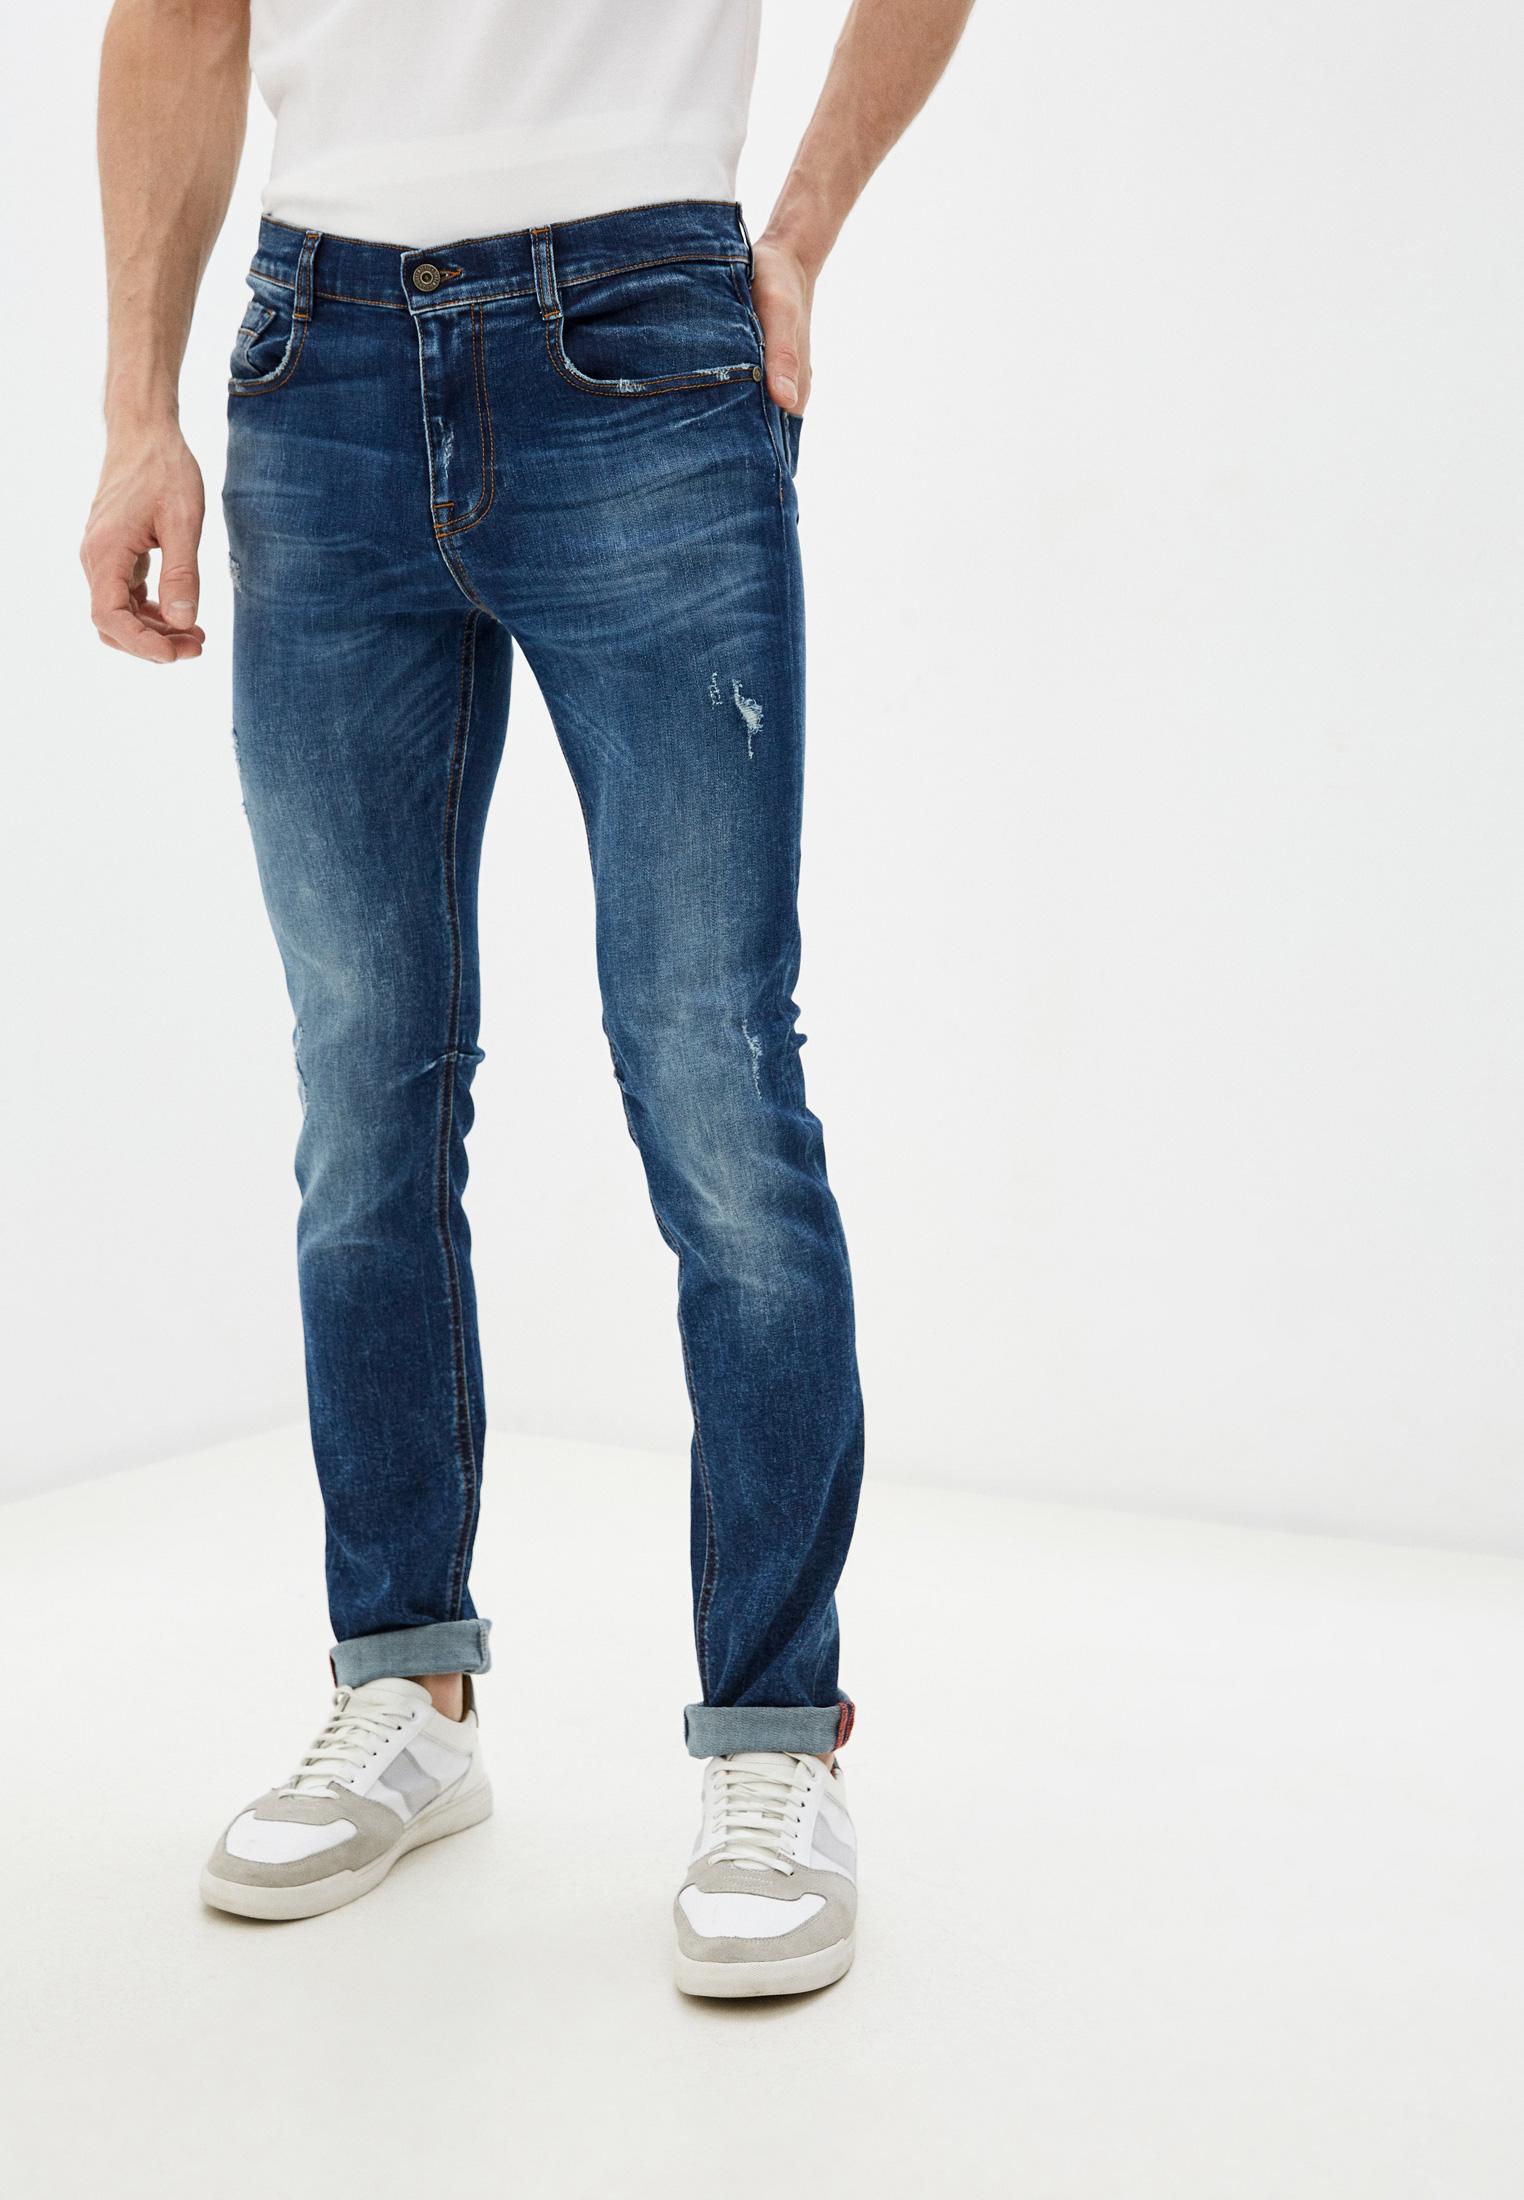 Мужские зауженные джинсы Bikkembergs (Биккембергс) C Q 101 00 S 3181: изображение 1